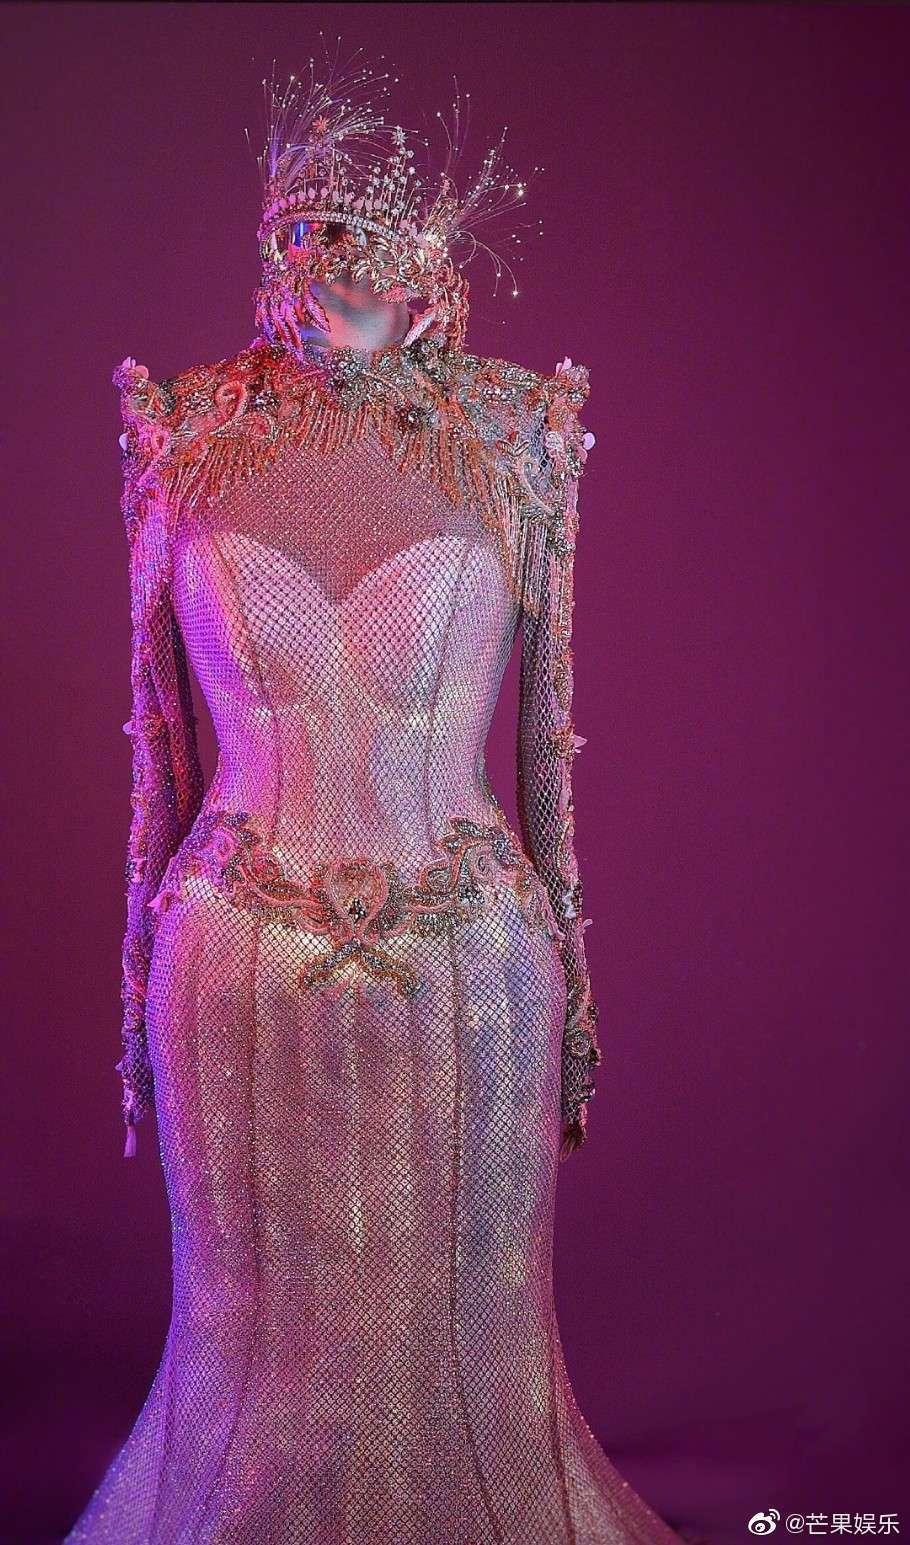 禮服模樣。圖/擷自微博視頻